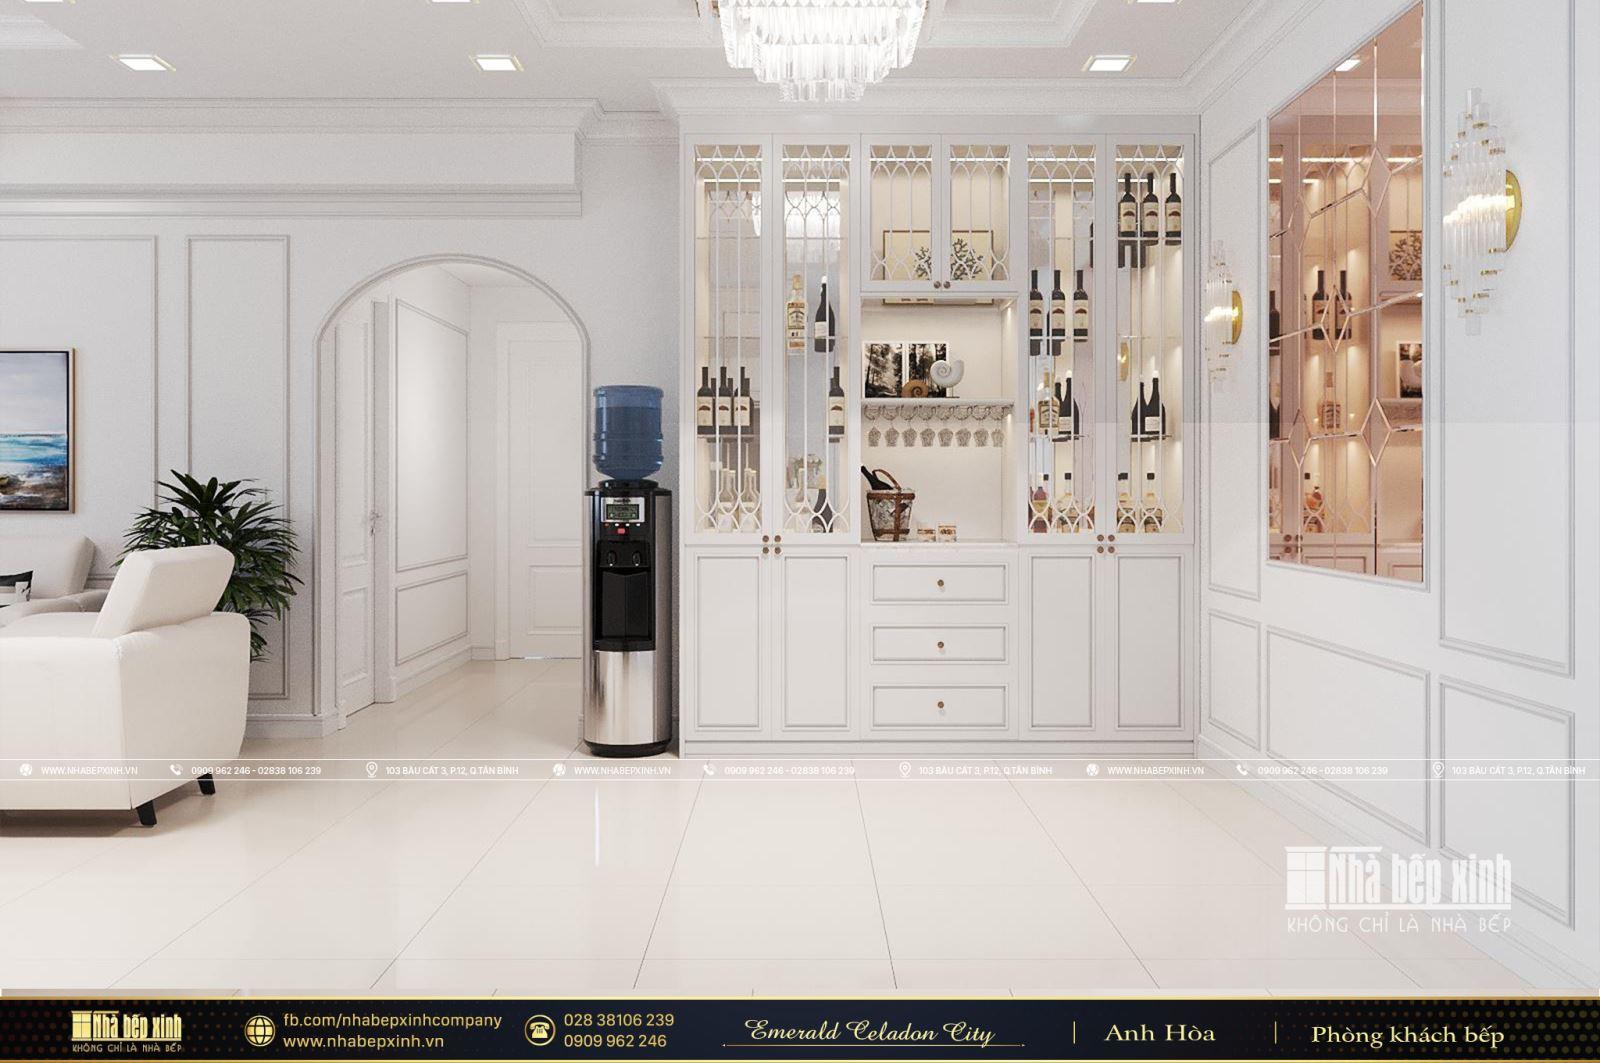 Thiết kế nội thất trọn gói tại Emerald Celadon City 84m2 mang phong cách tân cổ điển